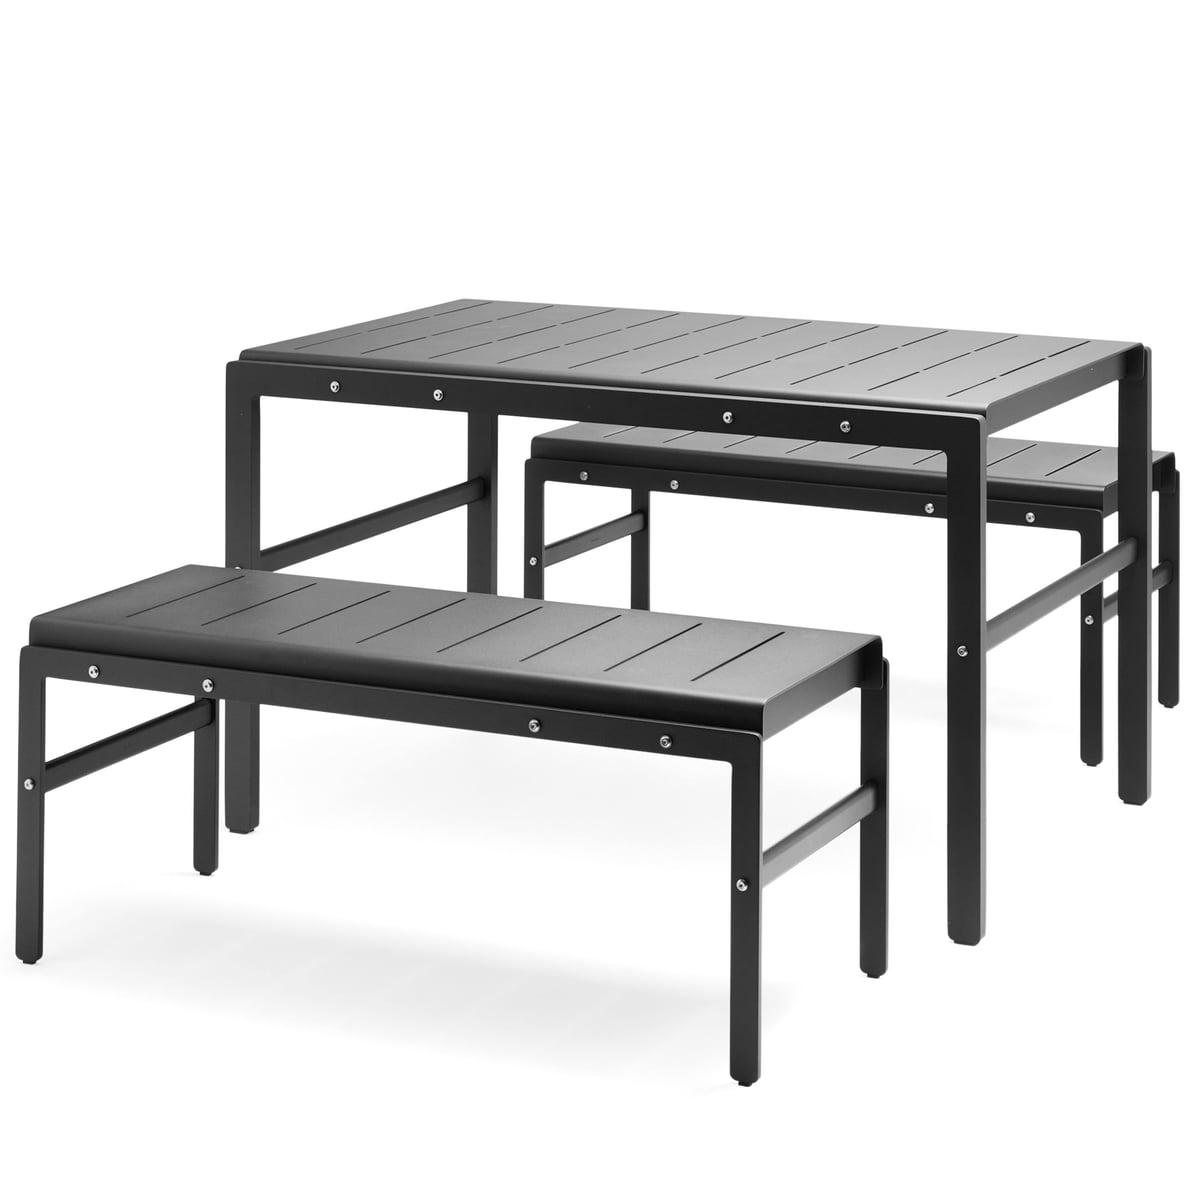 Ausgezeichnet Küchentisch Mit Zwei Bänken Ideen - Ideen Für Die ...